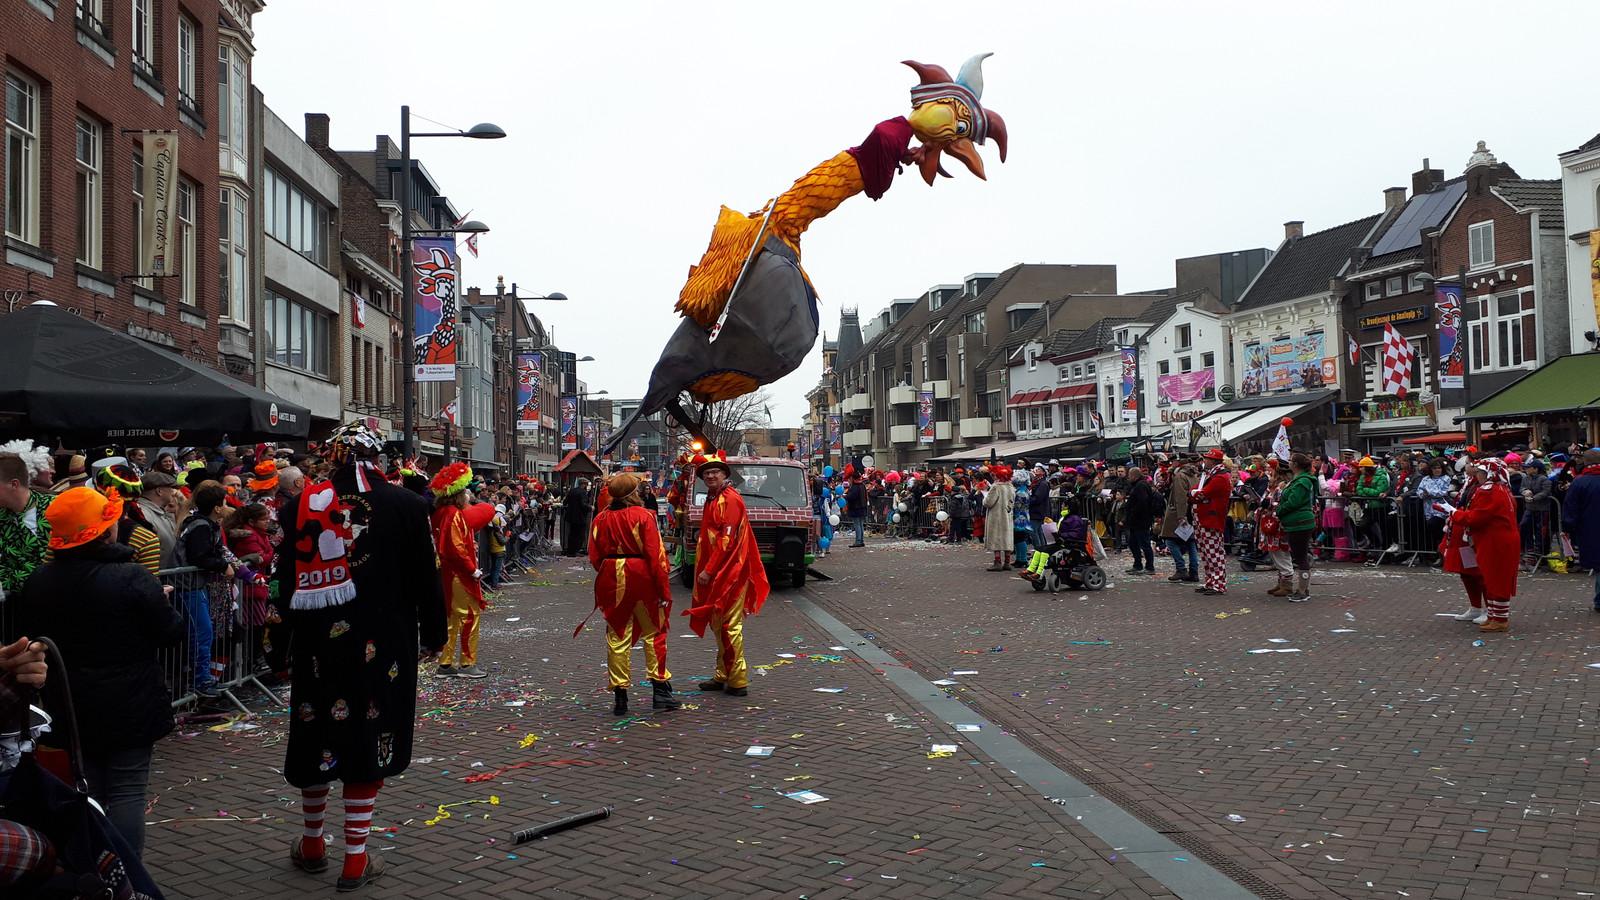 De optocht van Tullepetaonestad is een van de hoogtepunten van het Roosendaalse carnaval.